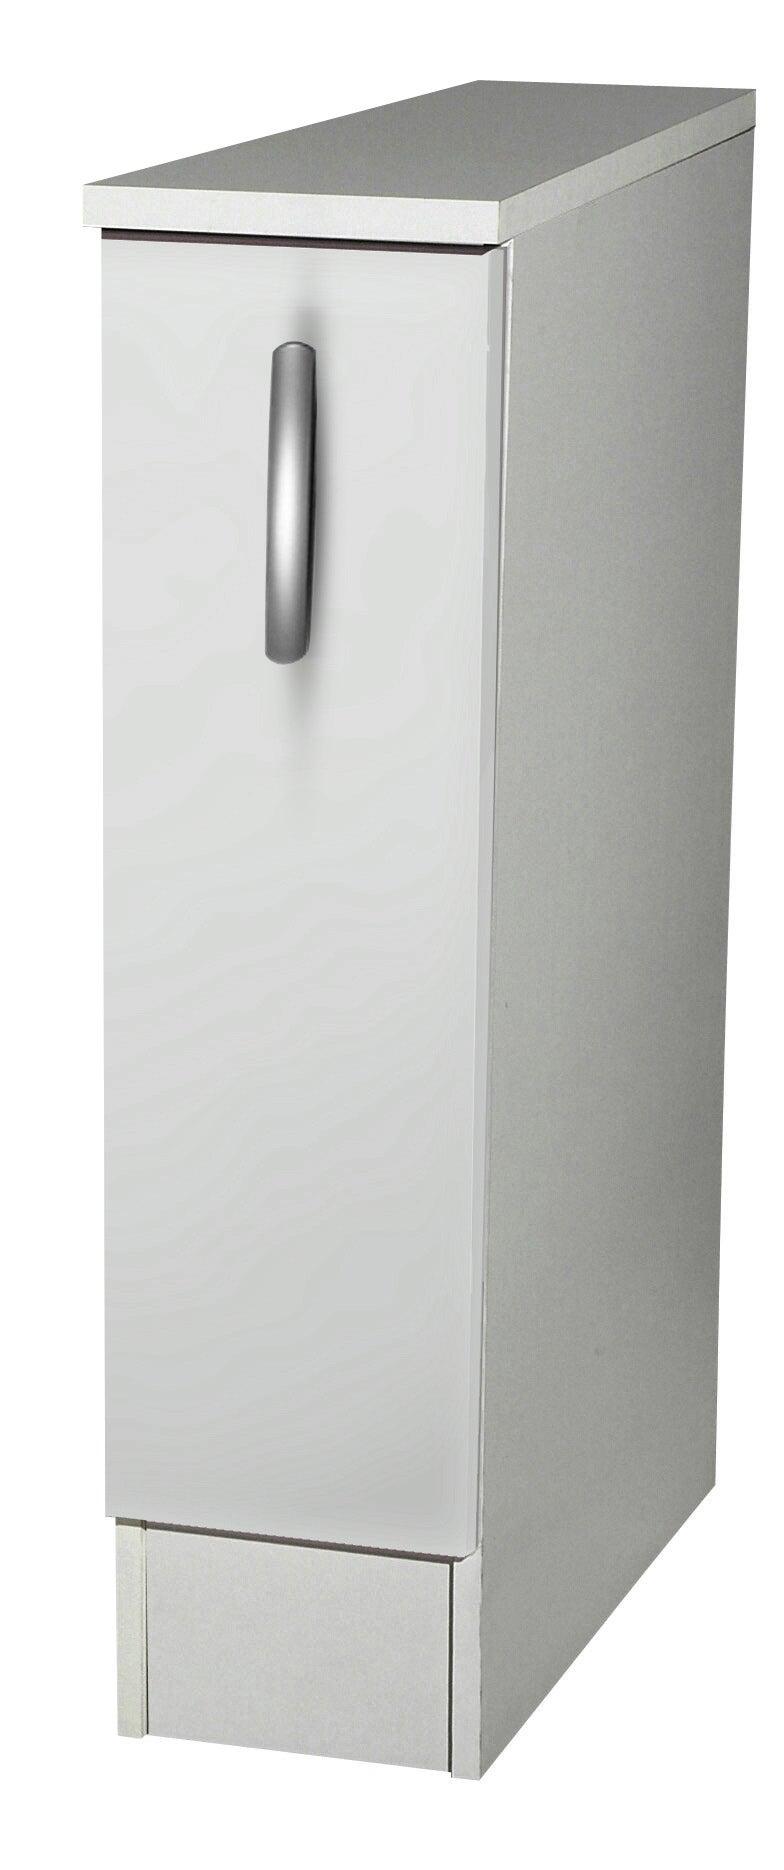 Meuble de cuisine bas 13 porte, blanc, h13x l135x p13cm